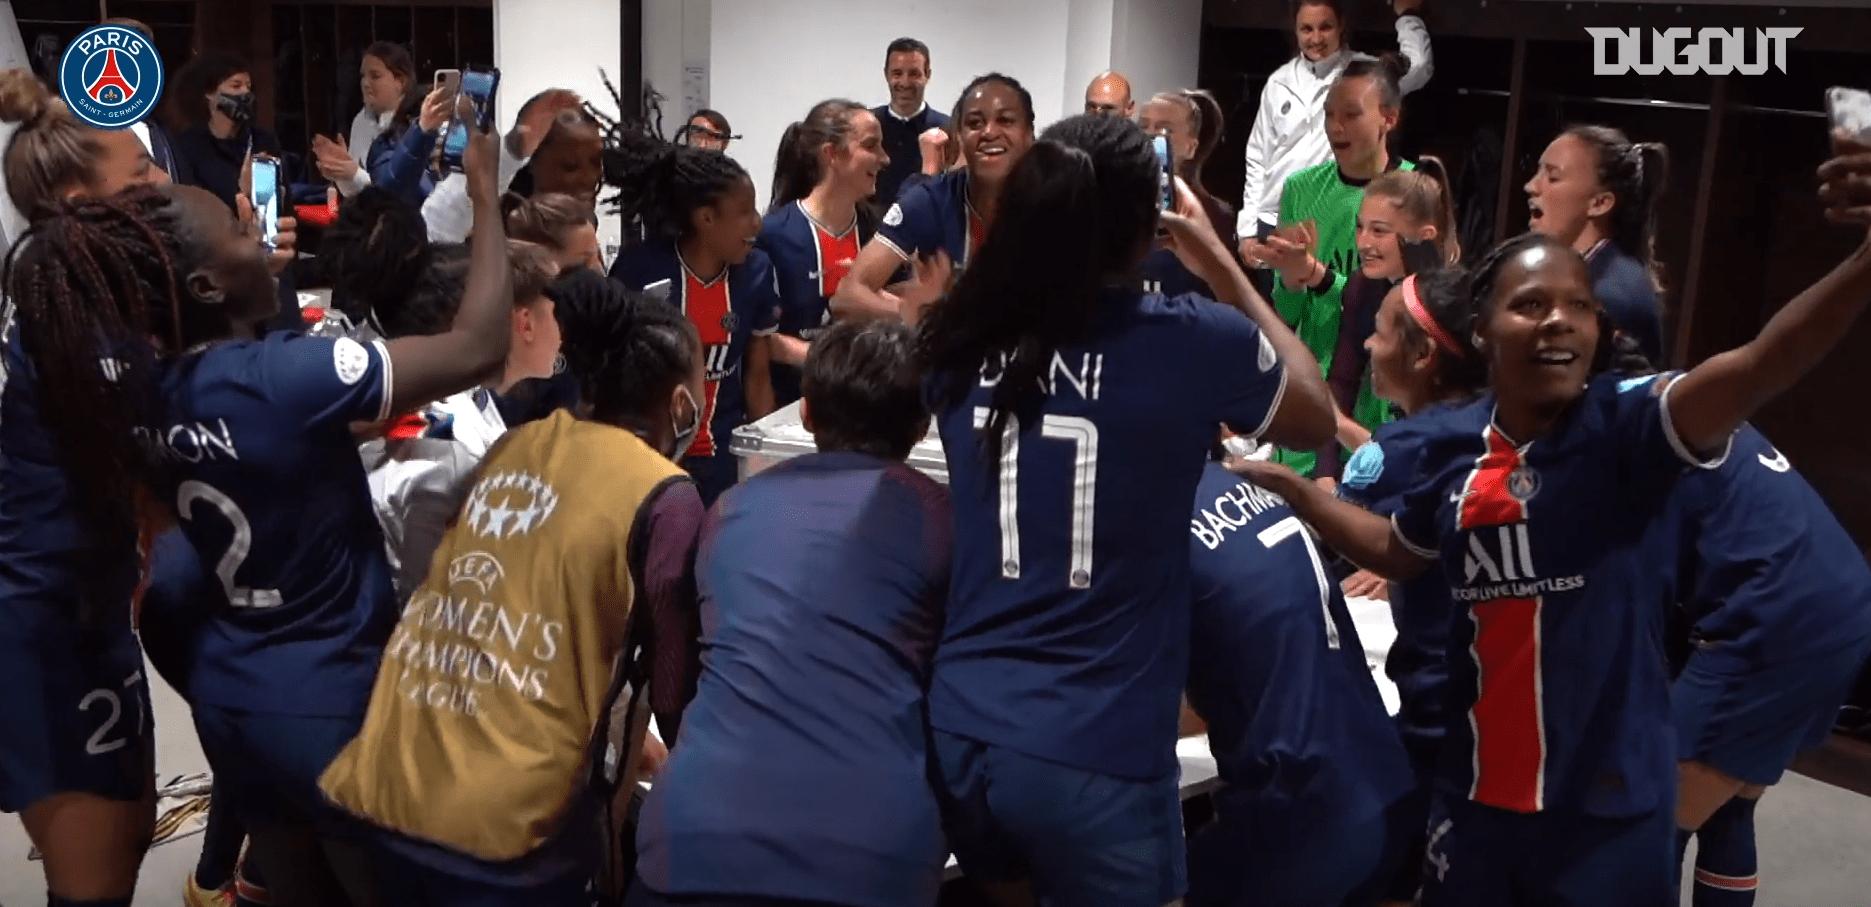 Lyon/PSG - Revivez les célébrations parisiennes au plus près des joueuses